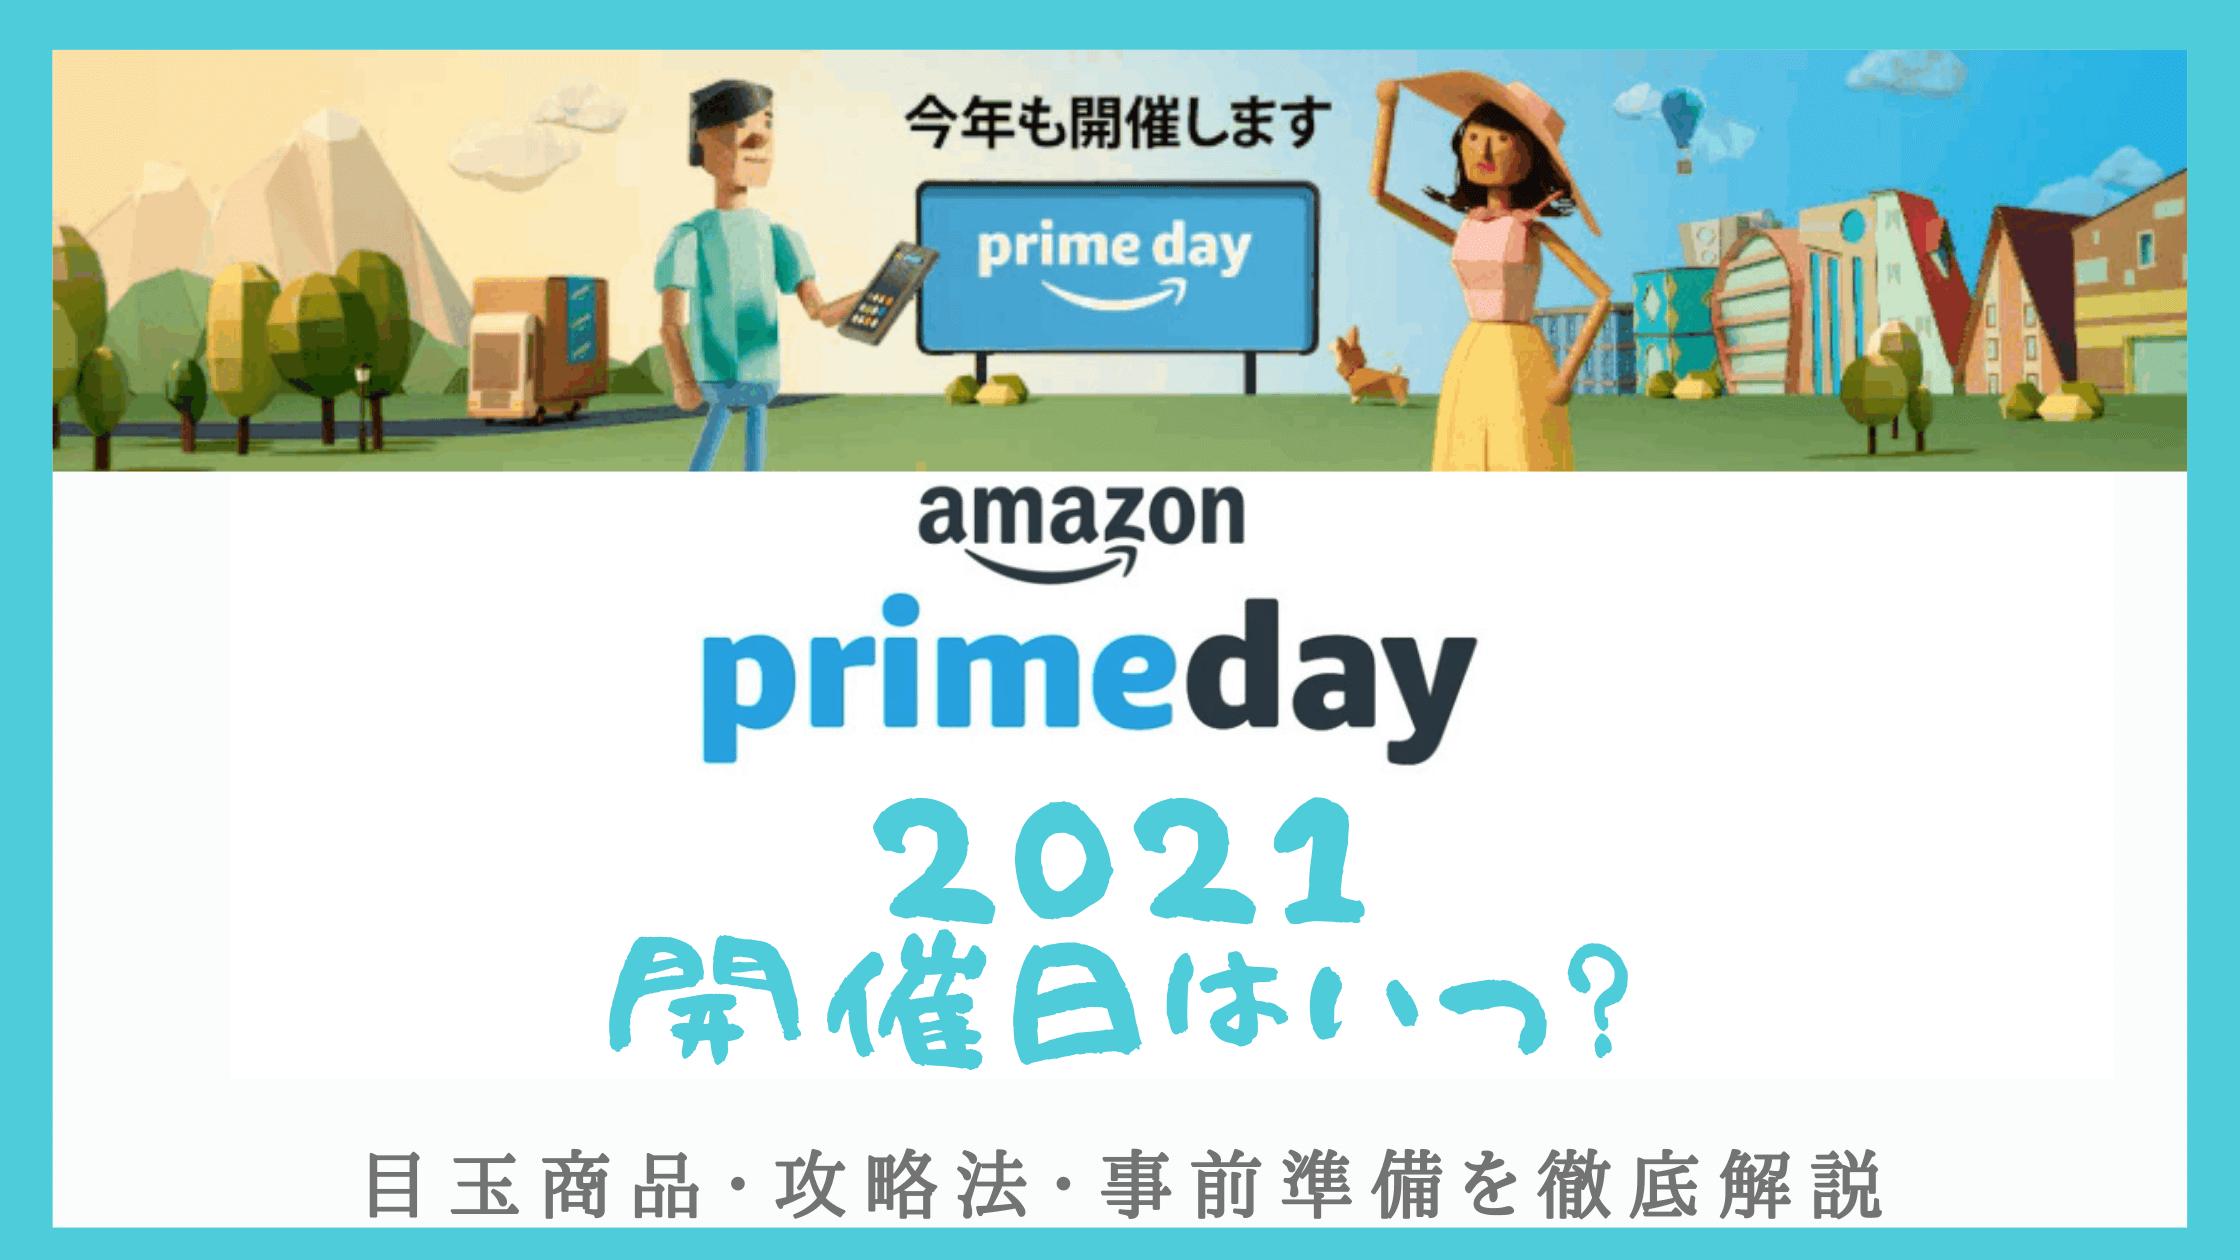 【Amazonプライムデー2021はいつ?】目玉商品・攻略法・事前準備まとめ